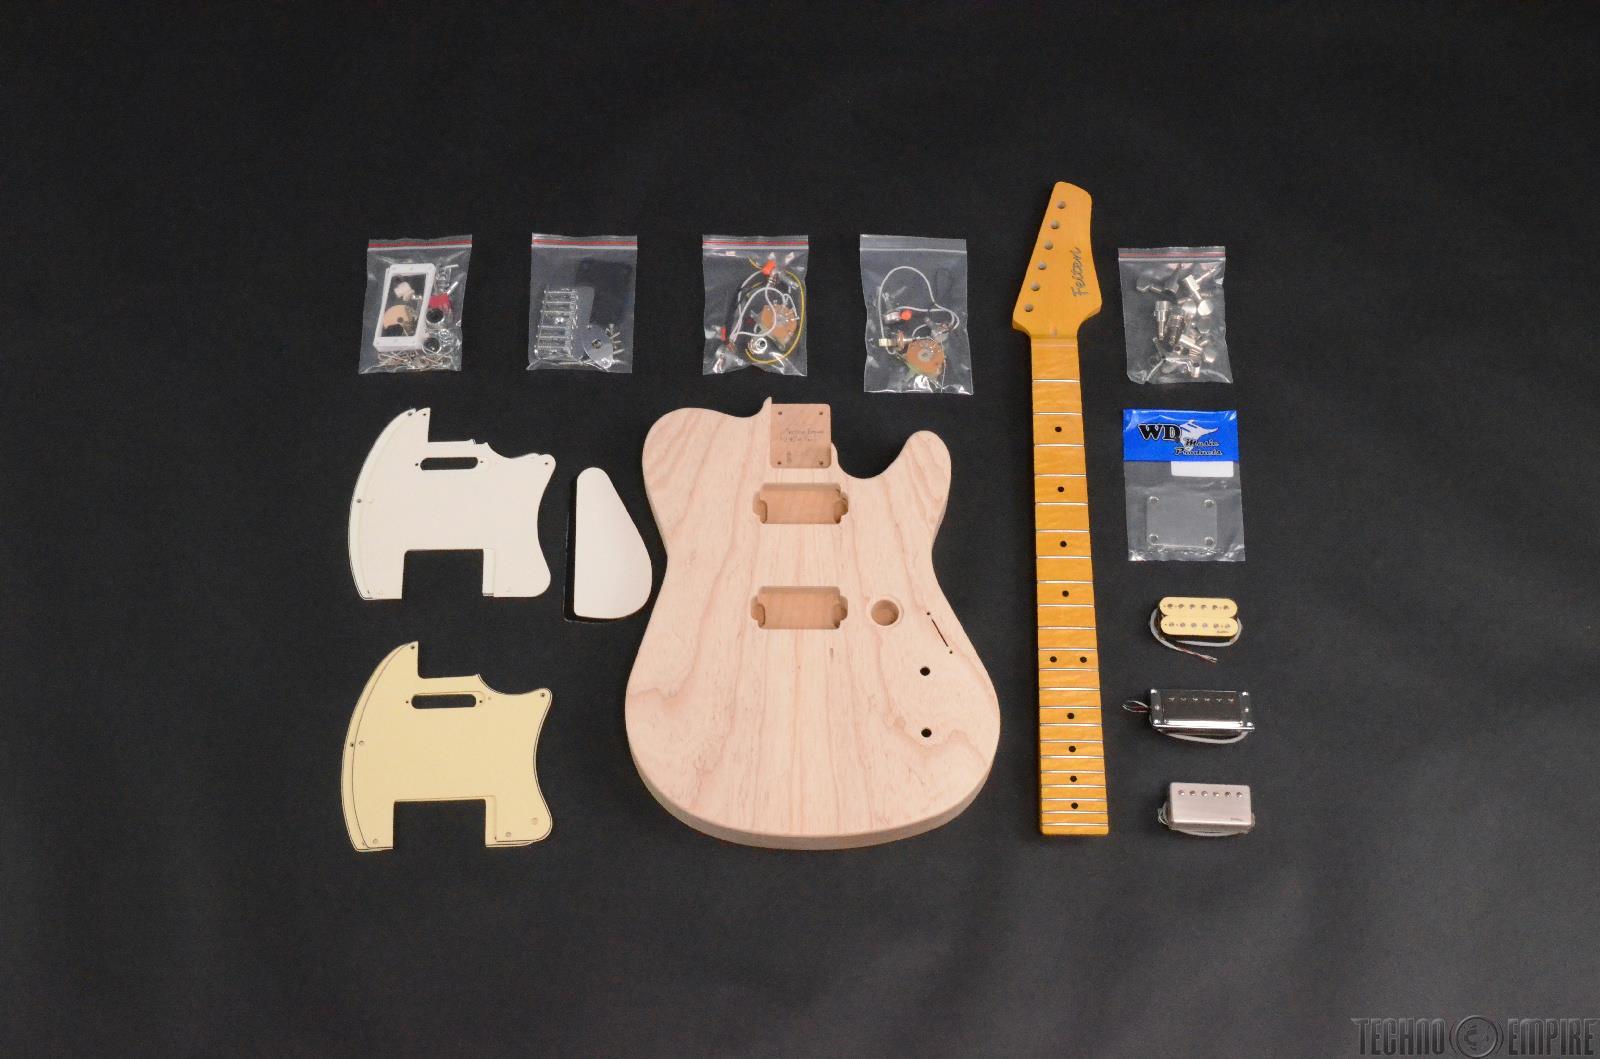 Buzz Feiten Gemini Elite Pro Build Your Own Electric Guitar Kit #28455